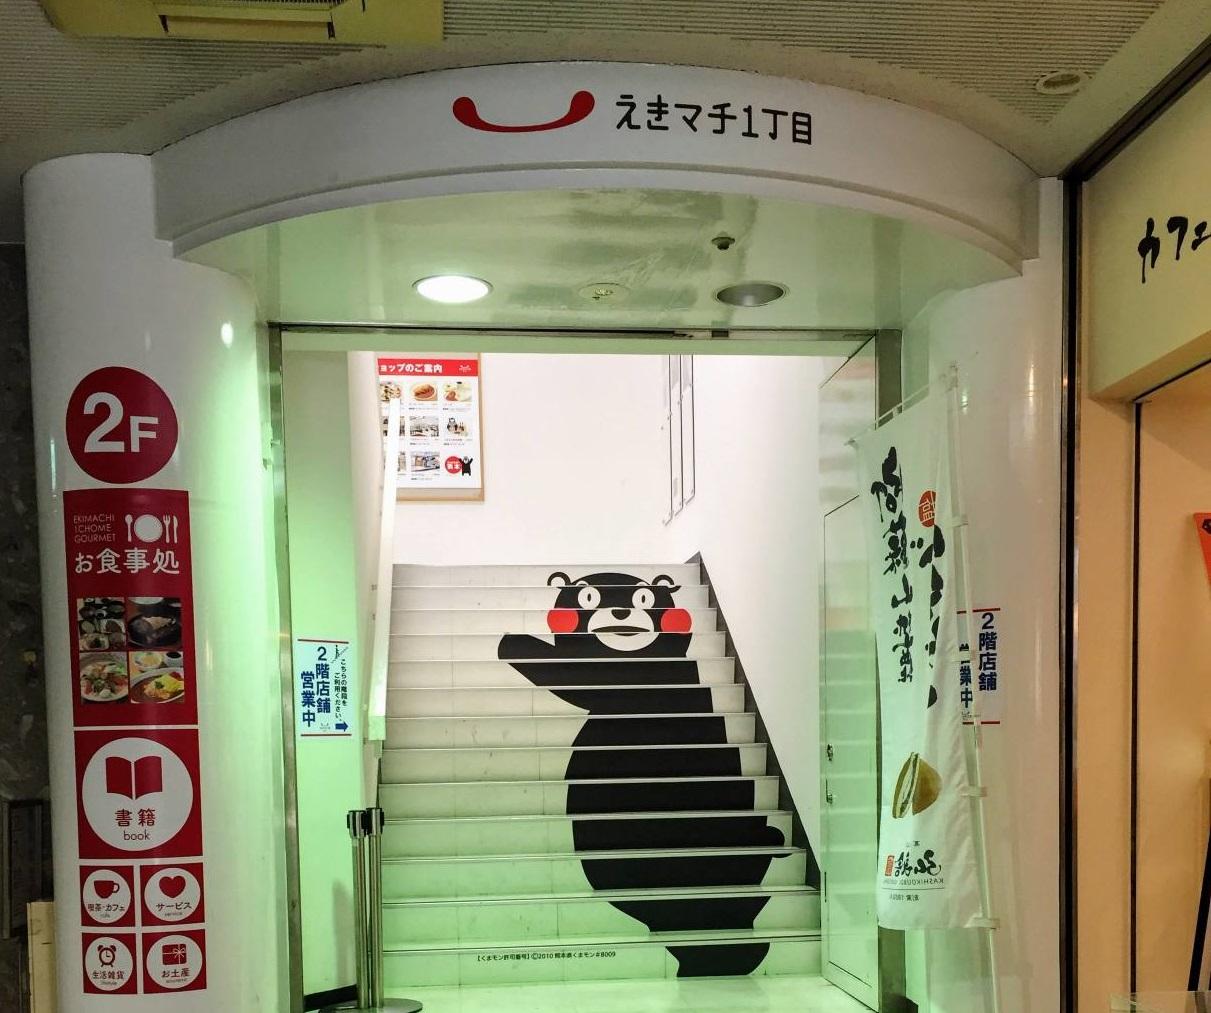 熊本駅内の階段のくまモン